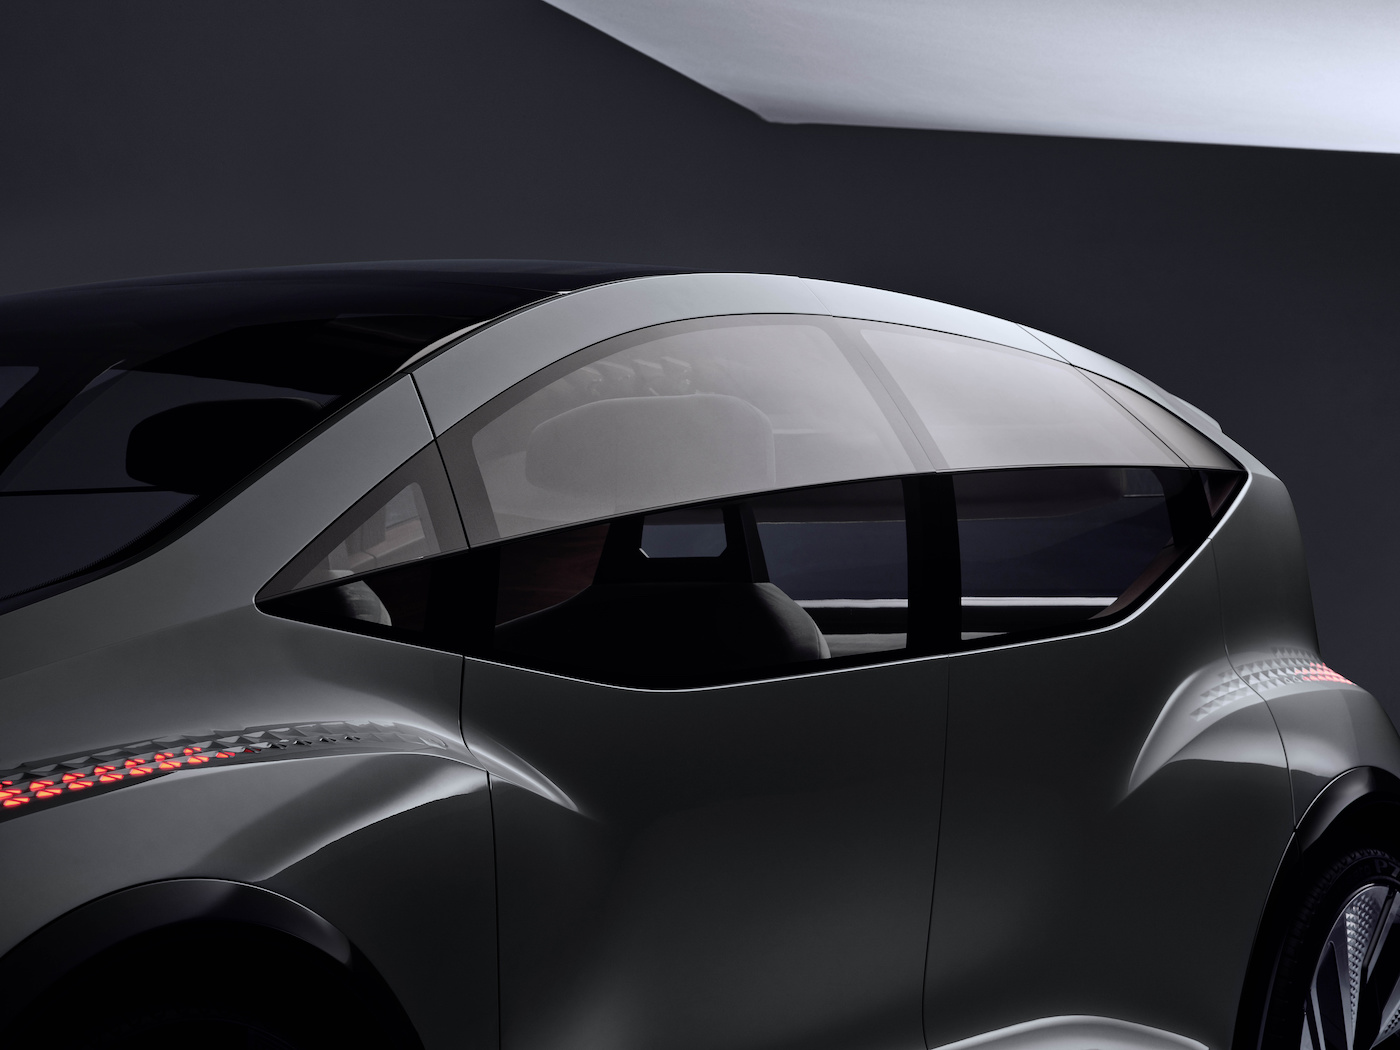 Der kompakte Audi der Zukunft: Das ist der Audi AI:ME 18